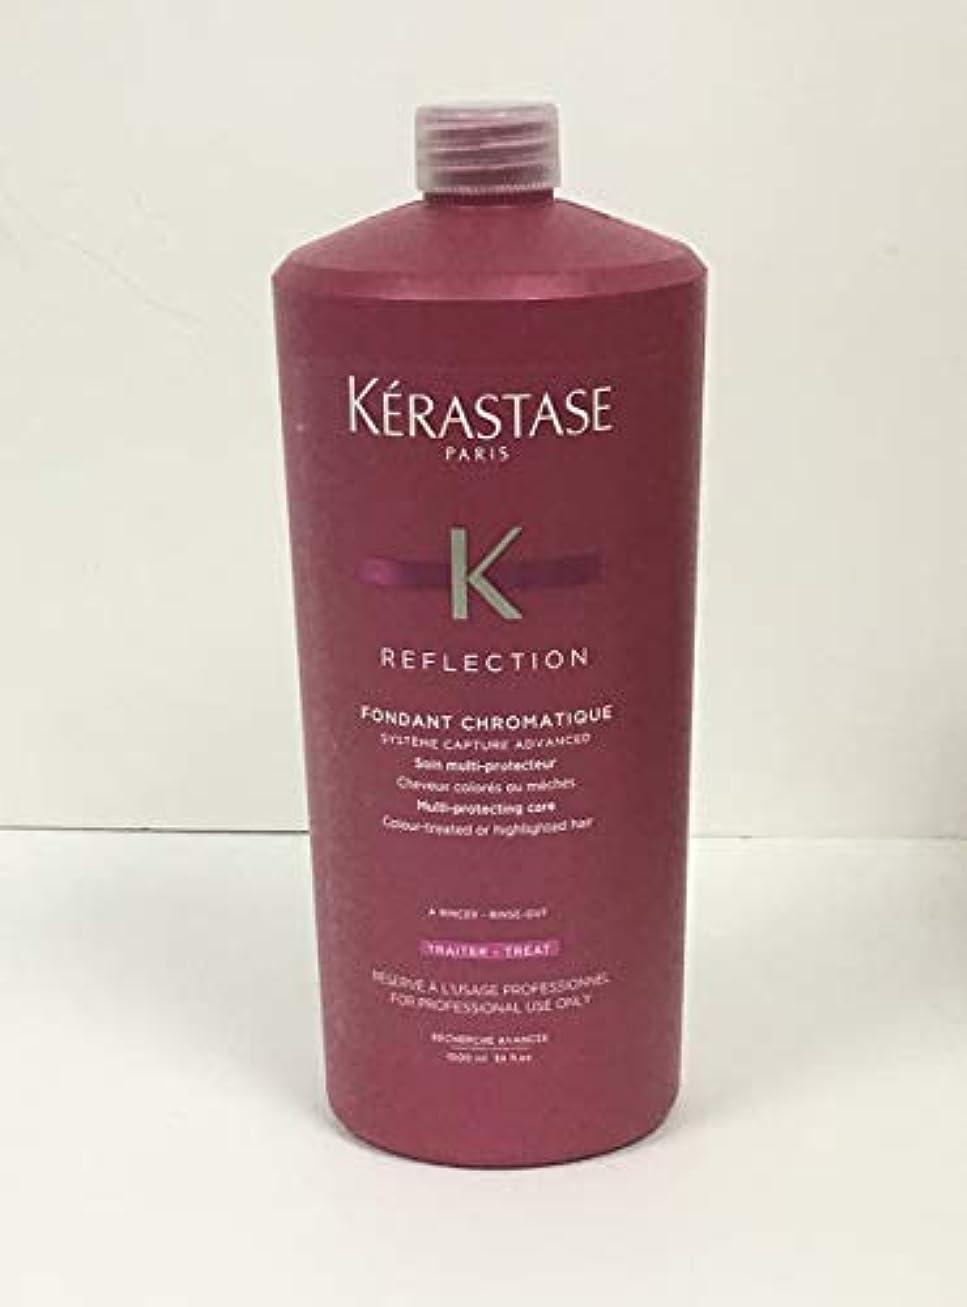 謝るケーブル偉業ケラスターゼ Reflection Fondant Chromatique Multi-Protecting Care (Colour-Treated or Highlighted Hair) 1000ml/34oz並行輸入品